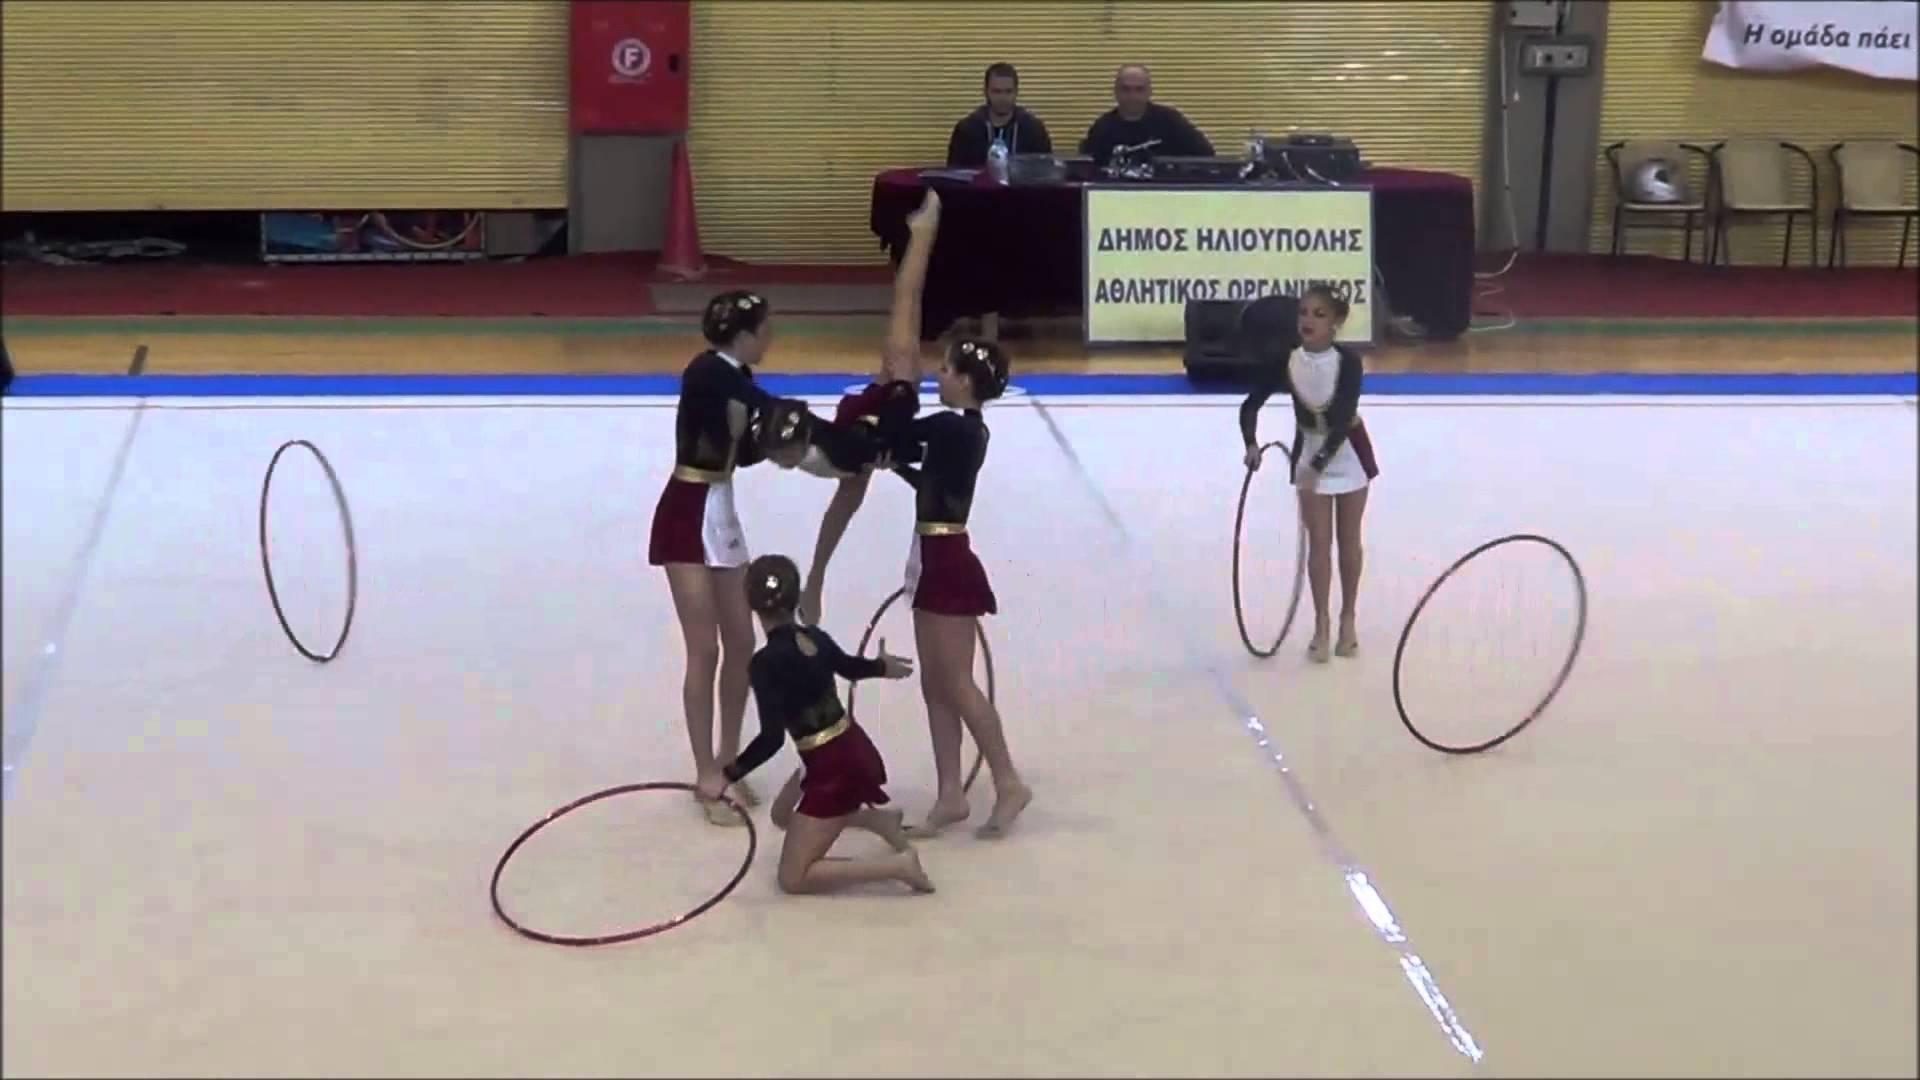 Οι Κρητικοπούλες αθλήτριες χόρεψαν Ψαραντώνη και κέρδισαν το πρώτο τους μετάλλιο (Video)